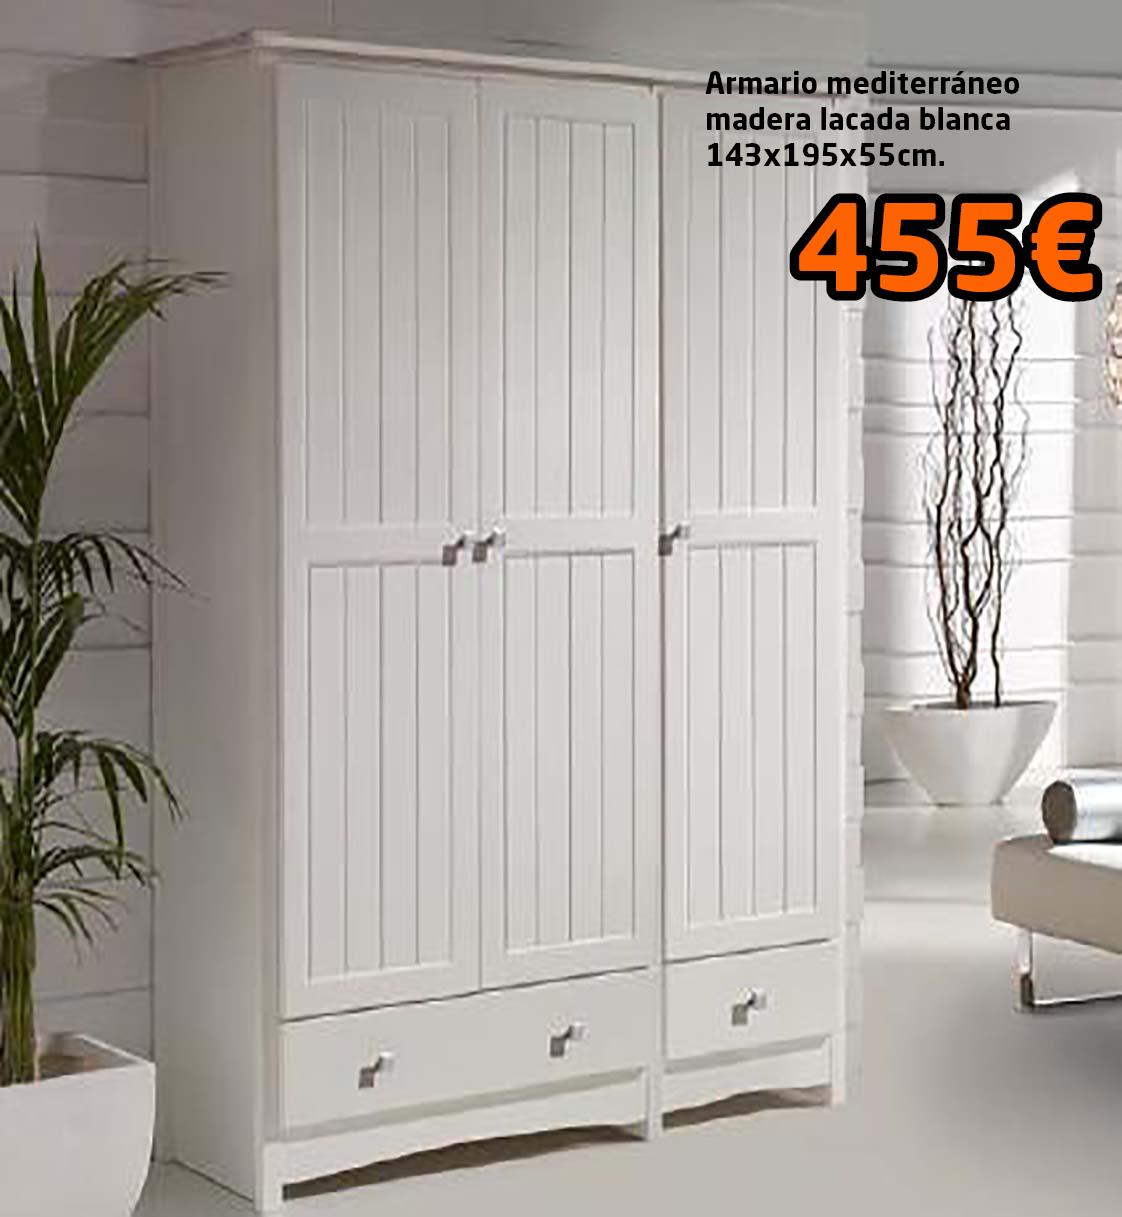 armario 3 puertas mediterraneo   Mikeli, tu tienda de muebles a ...